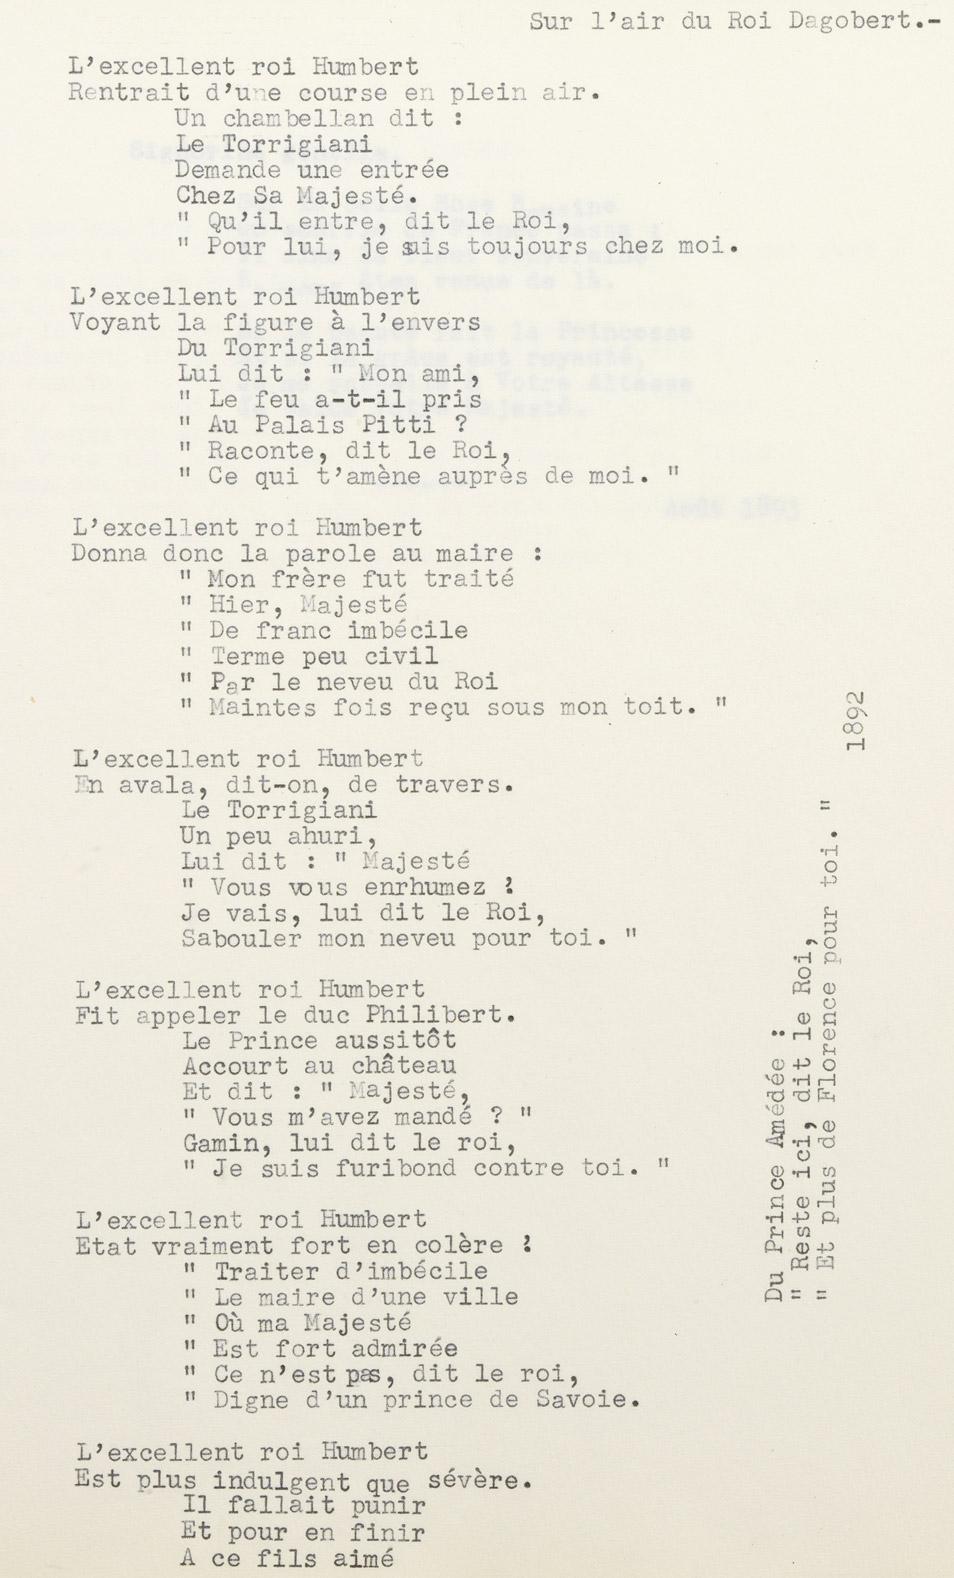 """""""L'excellent roi Humbert"""", chanson d'Alexandre II Walewski - Patrimoine Charles-André COLONNA WALEWSKI, en ligne directe de Napoléon"""